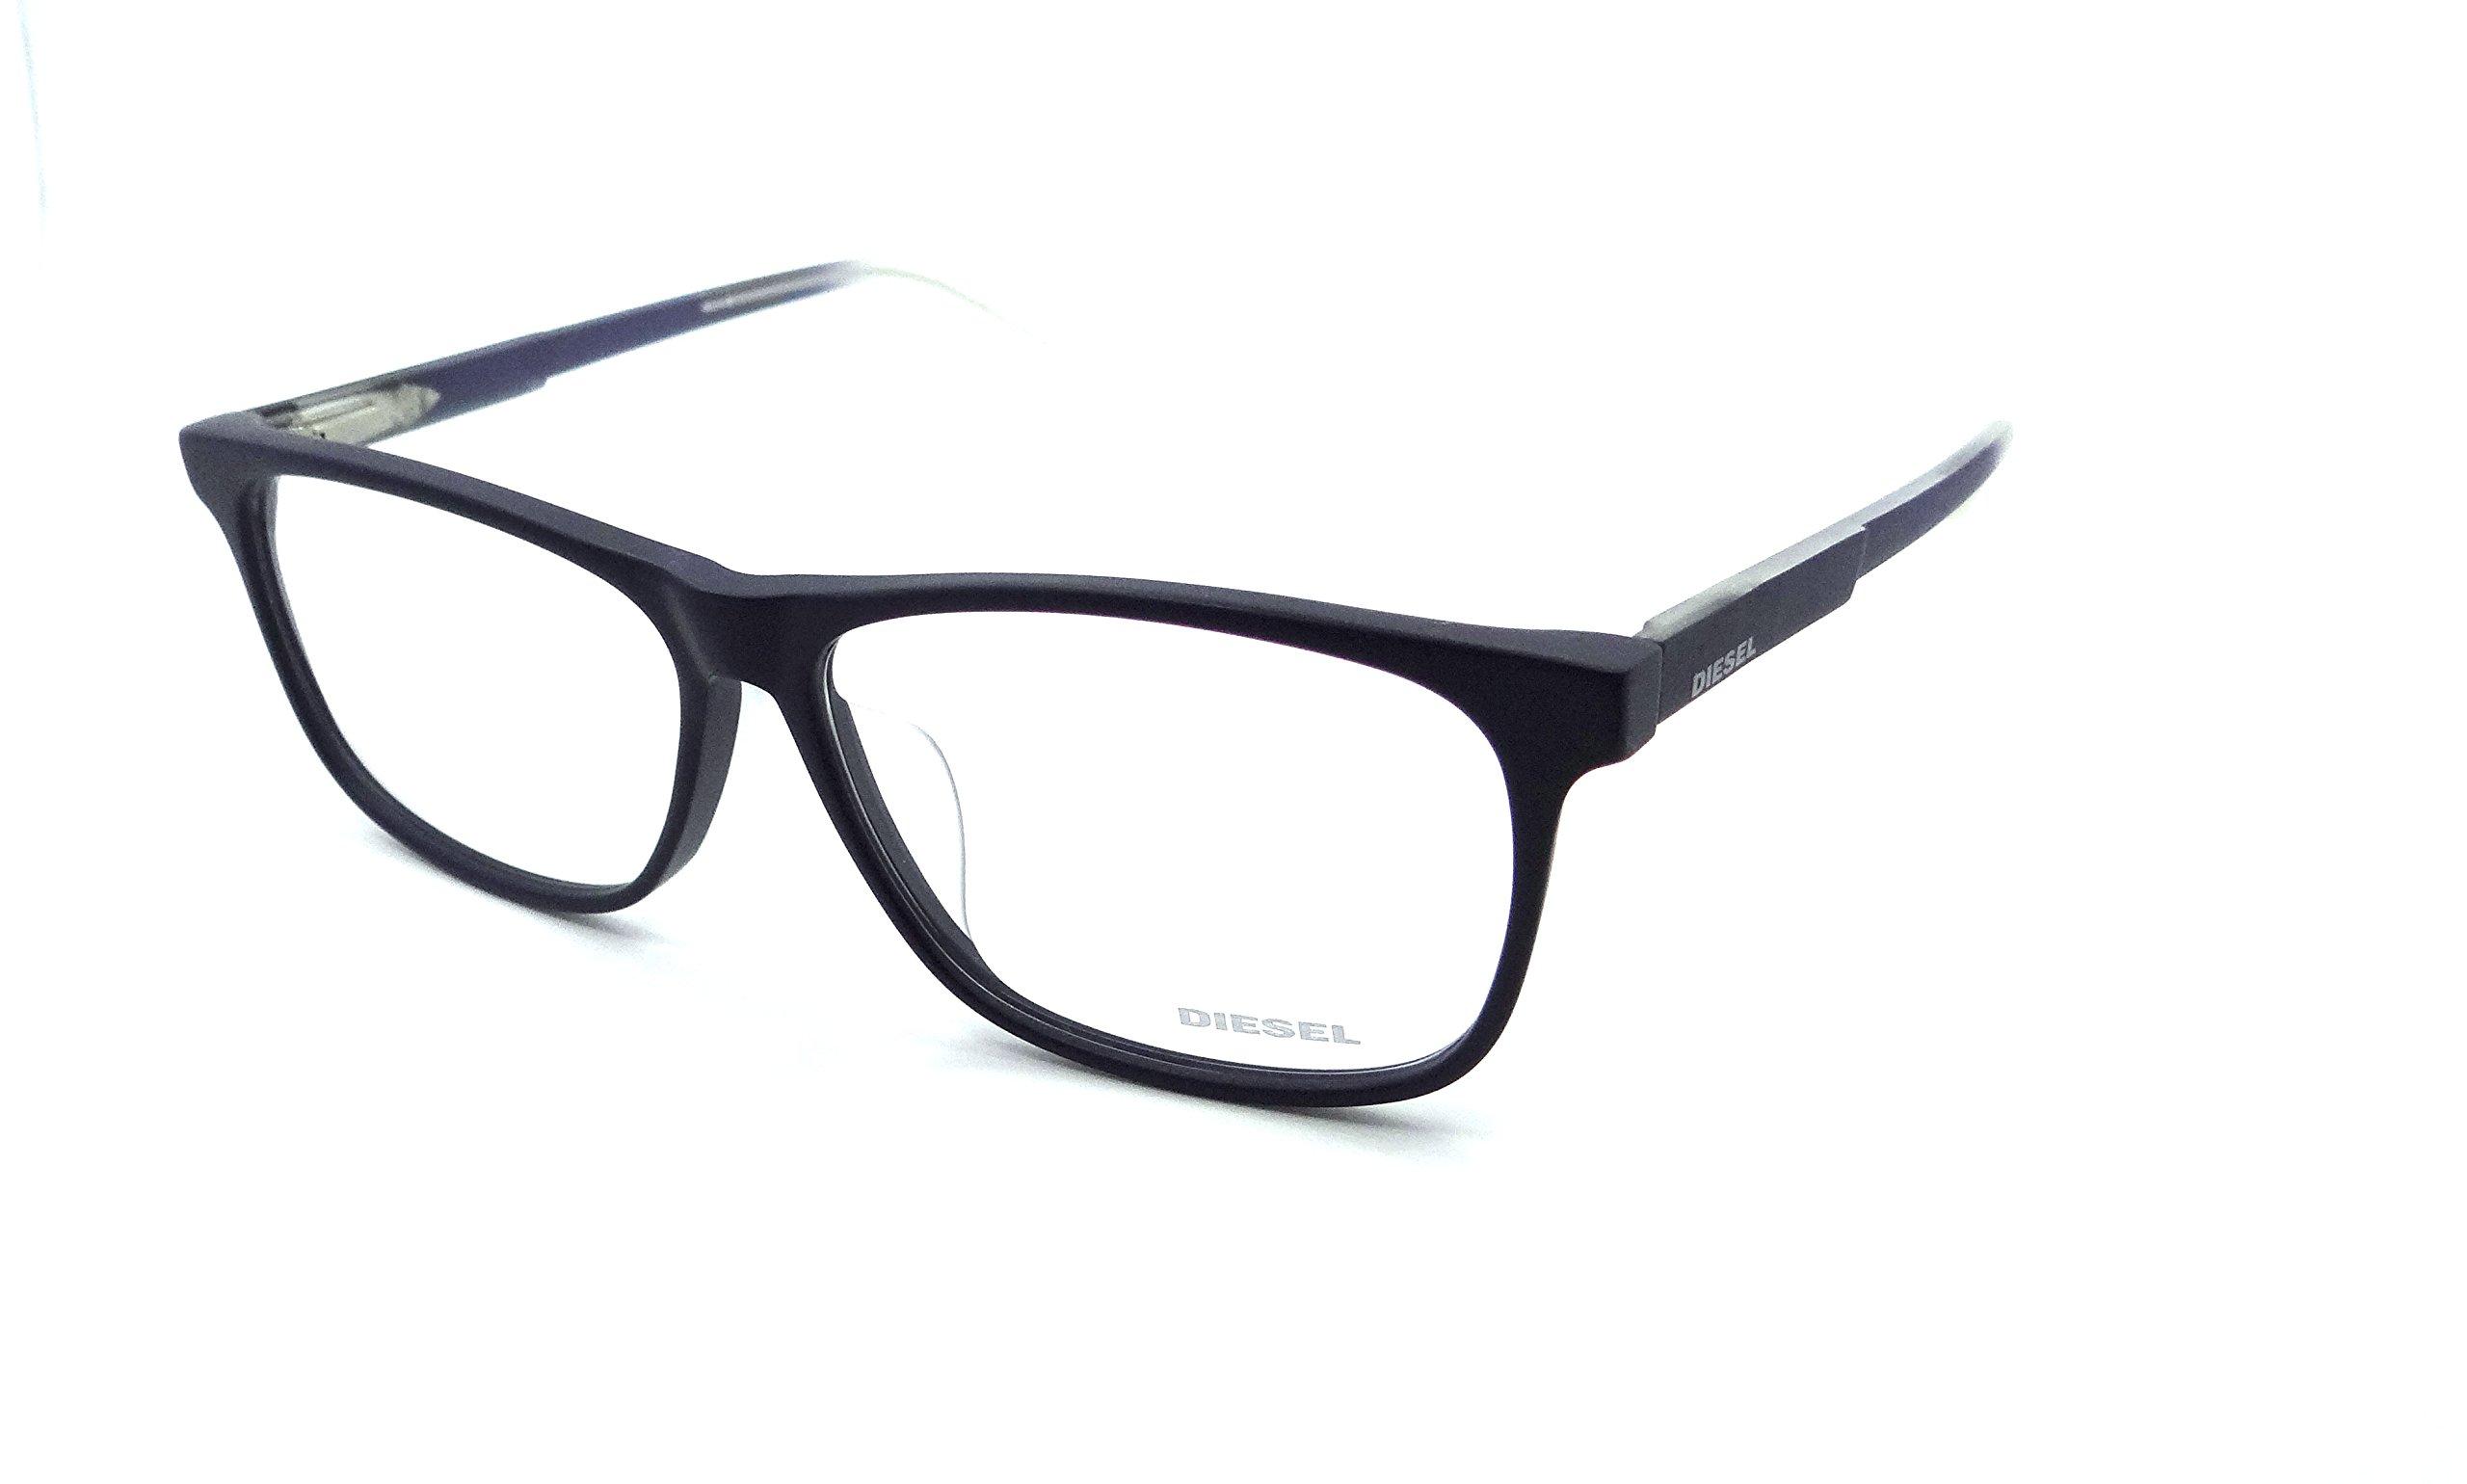 Diesel Rx Eyeglasses Frames DL5159-F 091 59-13-150 Matte Dark Blue Asian Fit